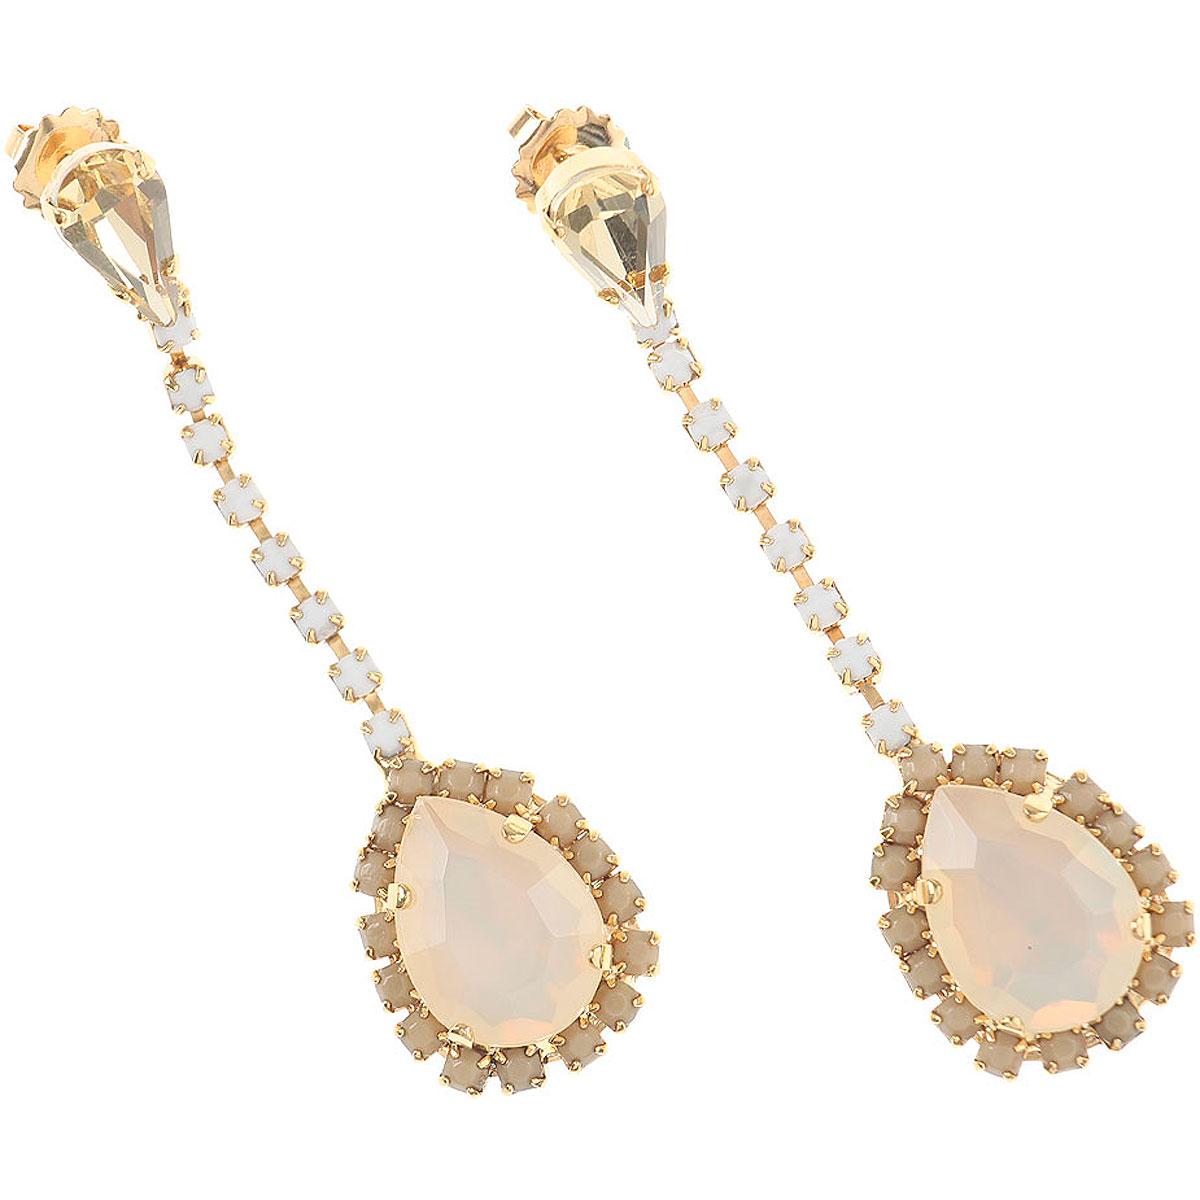 Dueci Bijoux Earrings for Women On Sale, Dirty White, Brass, 2019